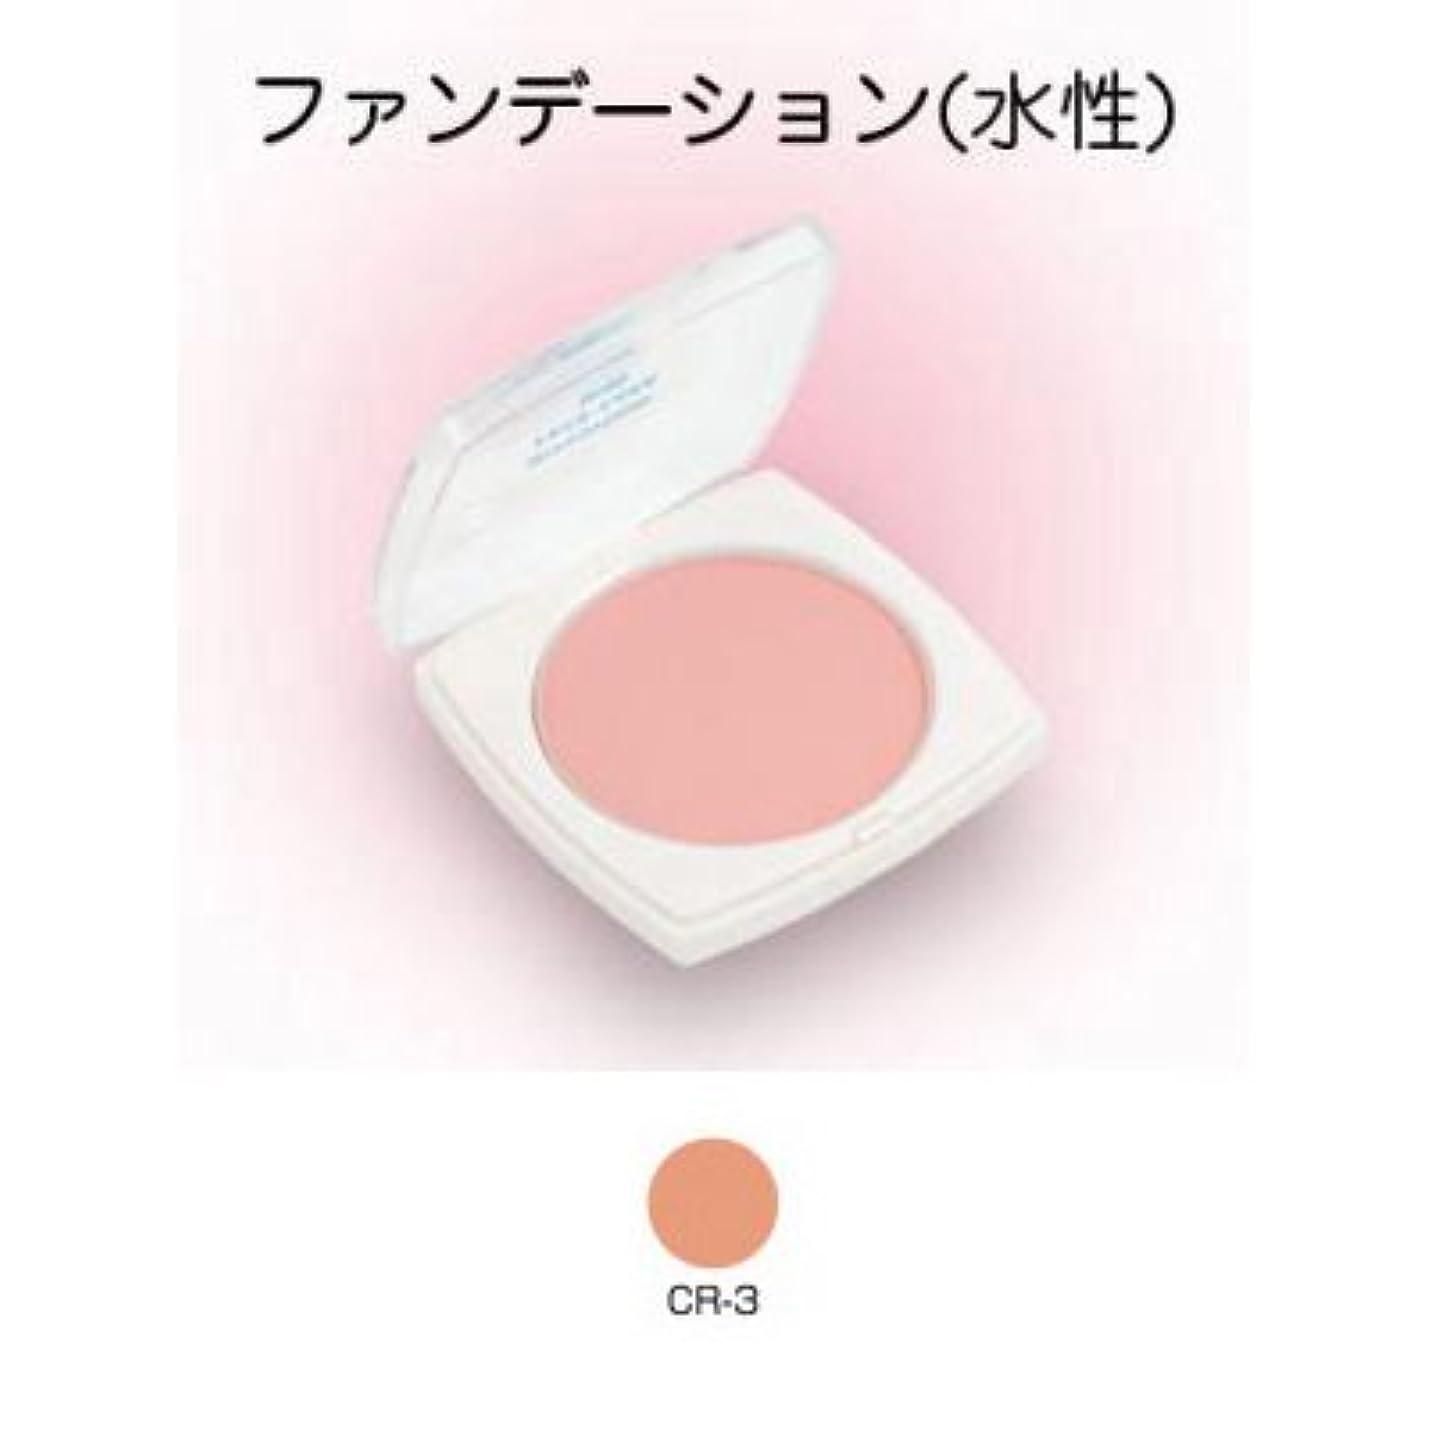 小包渇き織るフェースケーキ ミニ 17g CR-3 【三善】